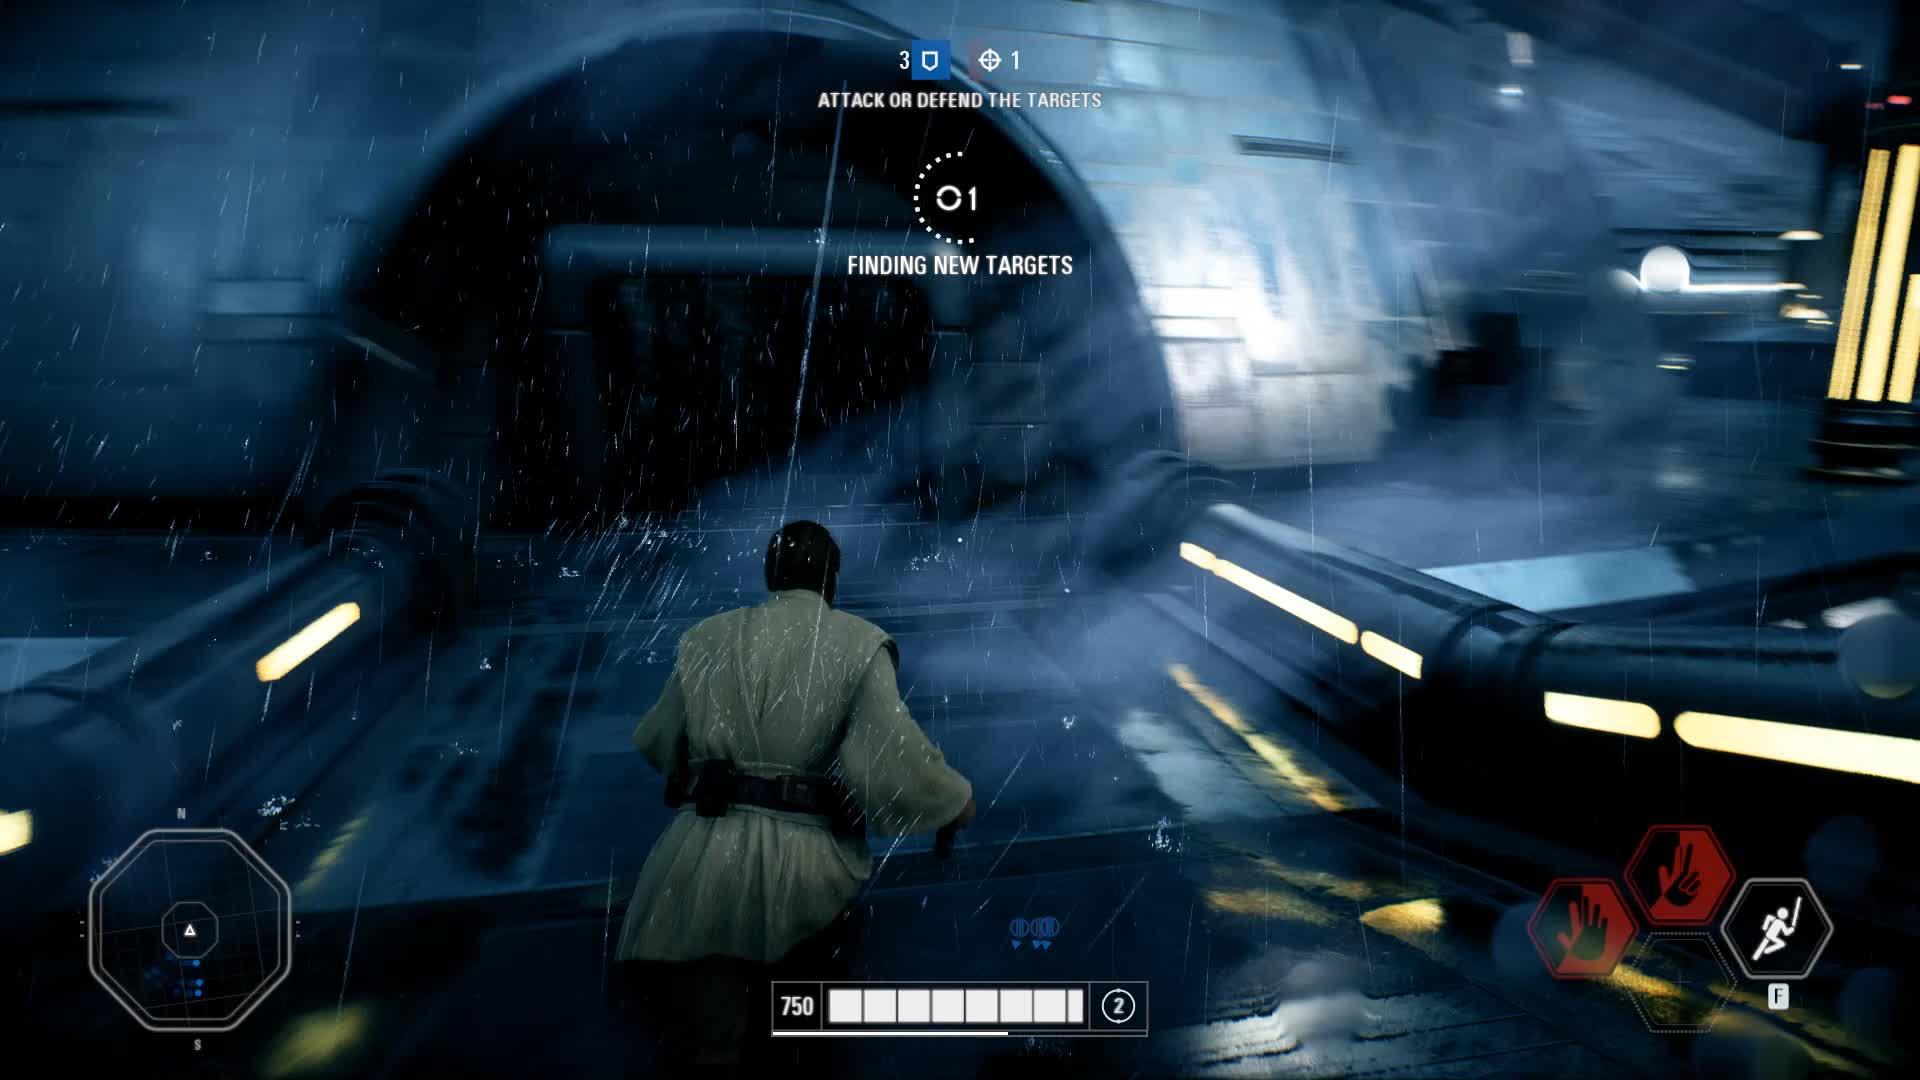 starwarsbattlefront, Star Wars Battlefront II (2017) 2019.03.28 - 14.23.31.04.DVR GIFs